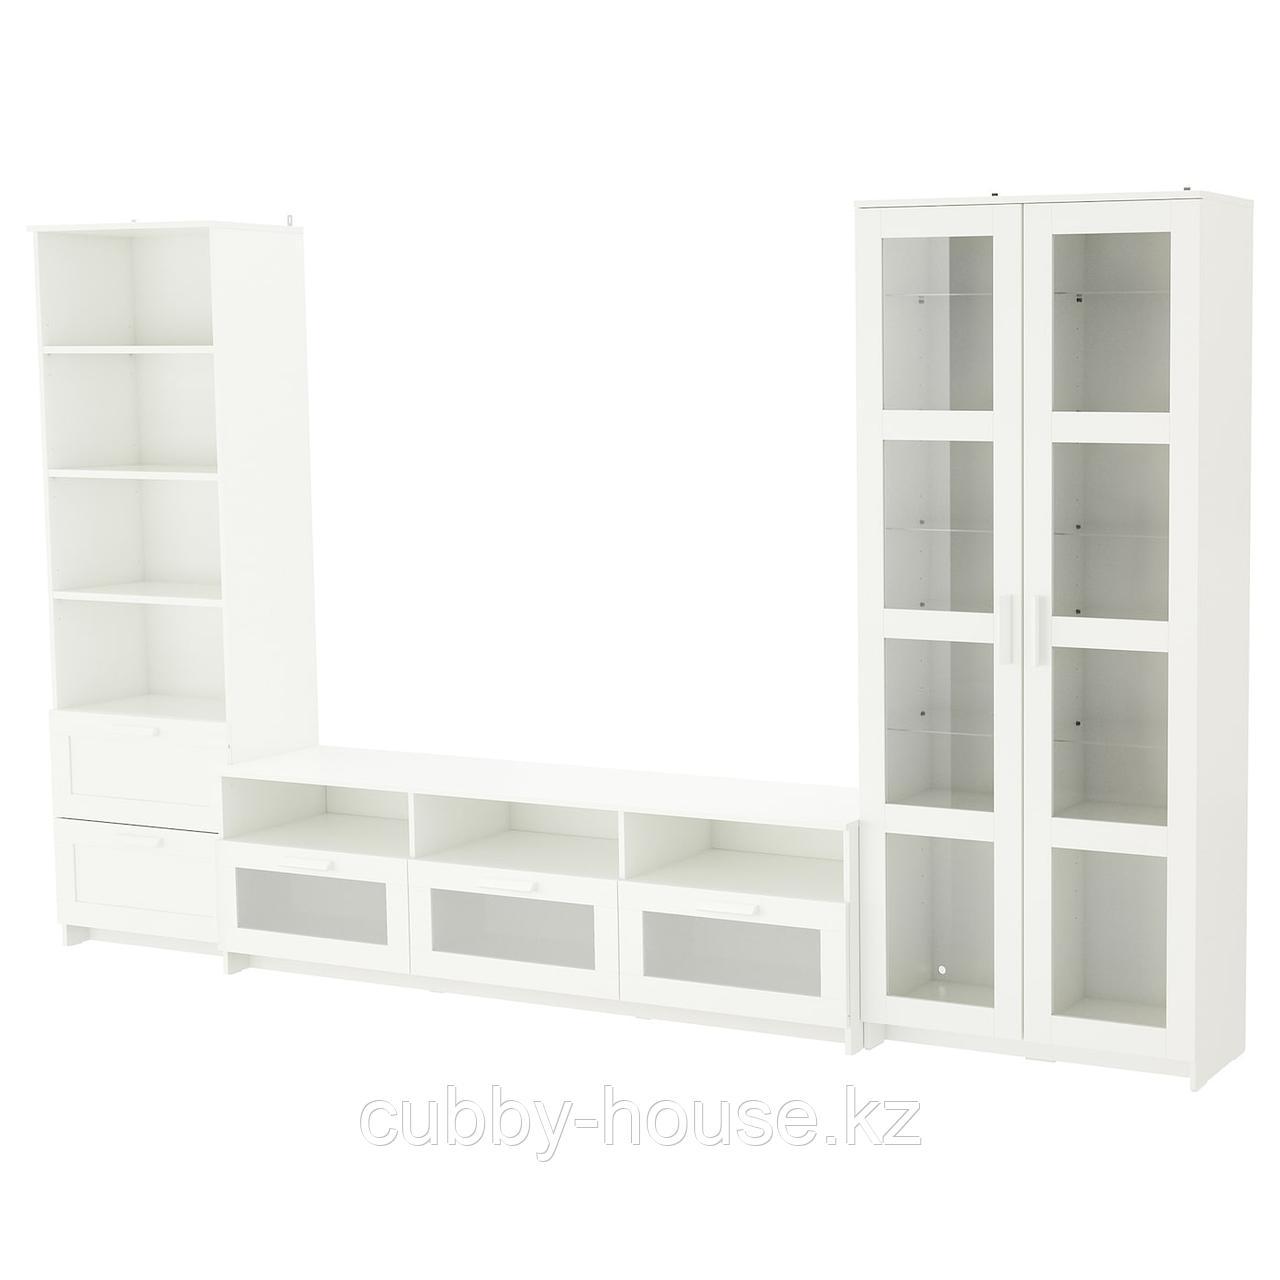 БРИМНЭС Шкаф для ТВ, комбин/стеклян дверцы, (белый, чёрный) 320x41x190 см